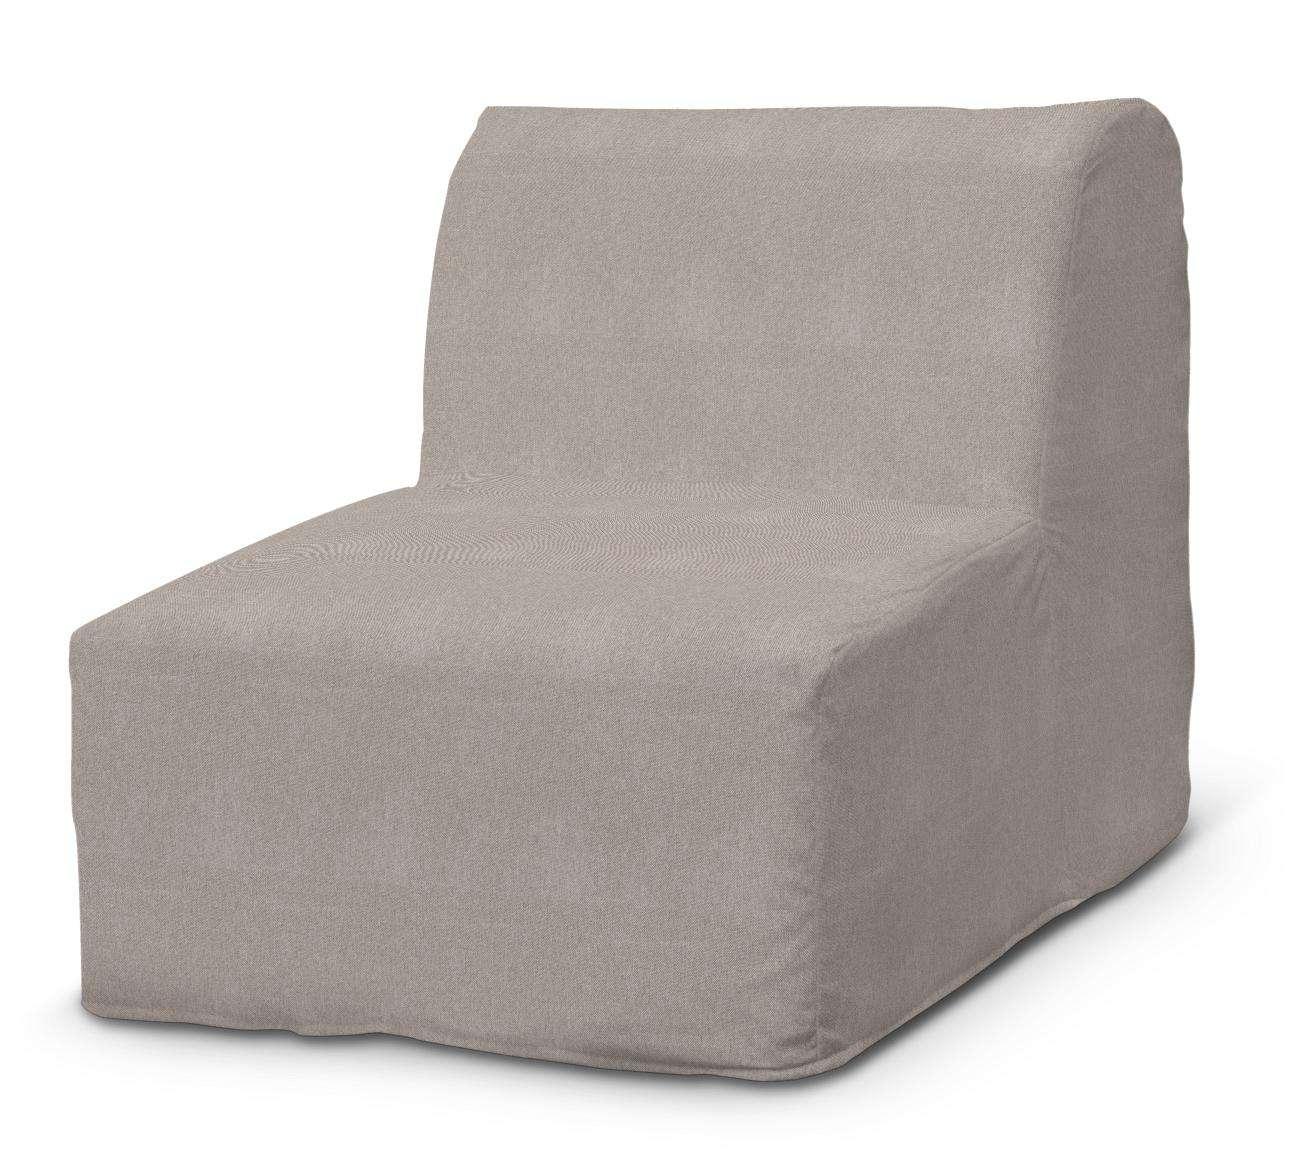 Pokrowiec na fotel Lycksele prosty w kolekcji Etna, tkanina: 705-09